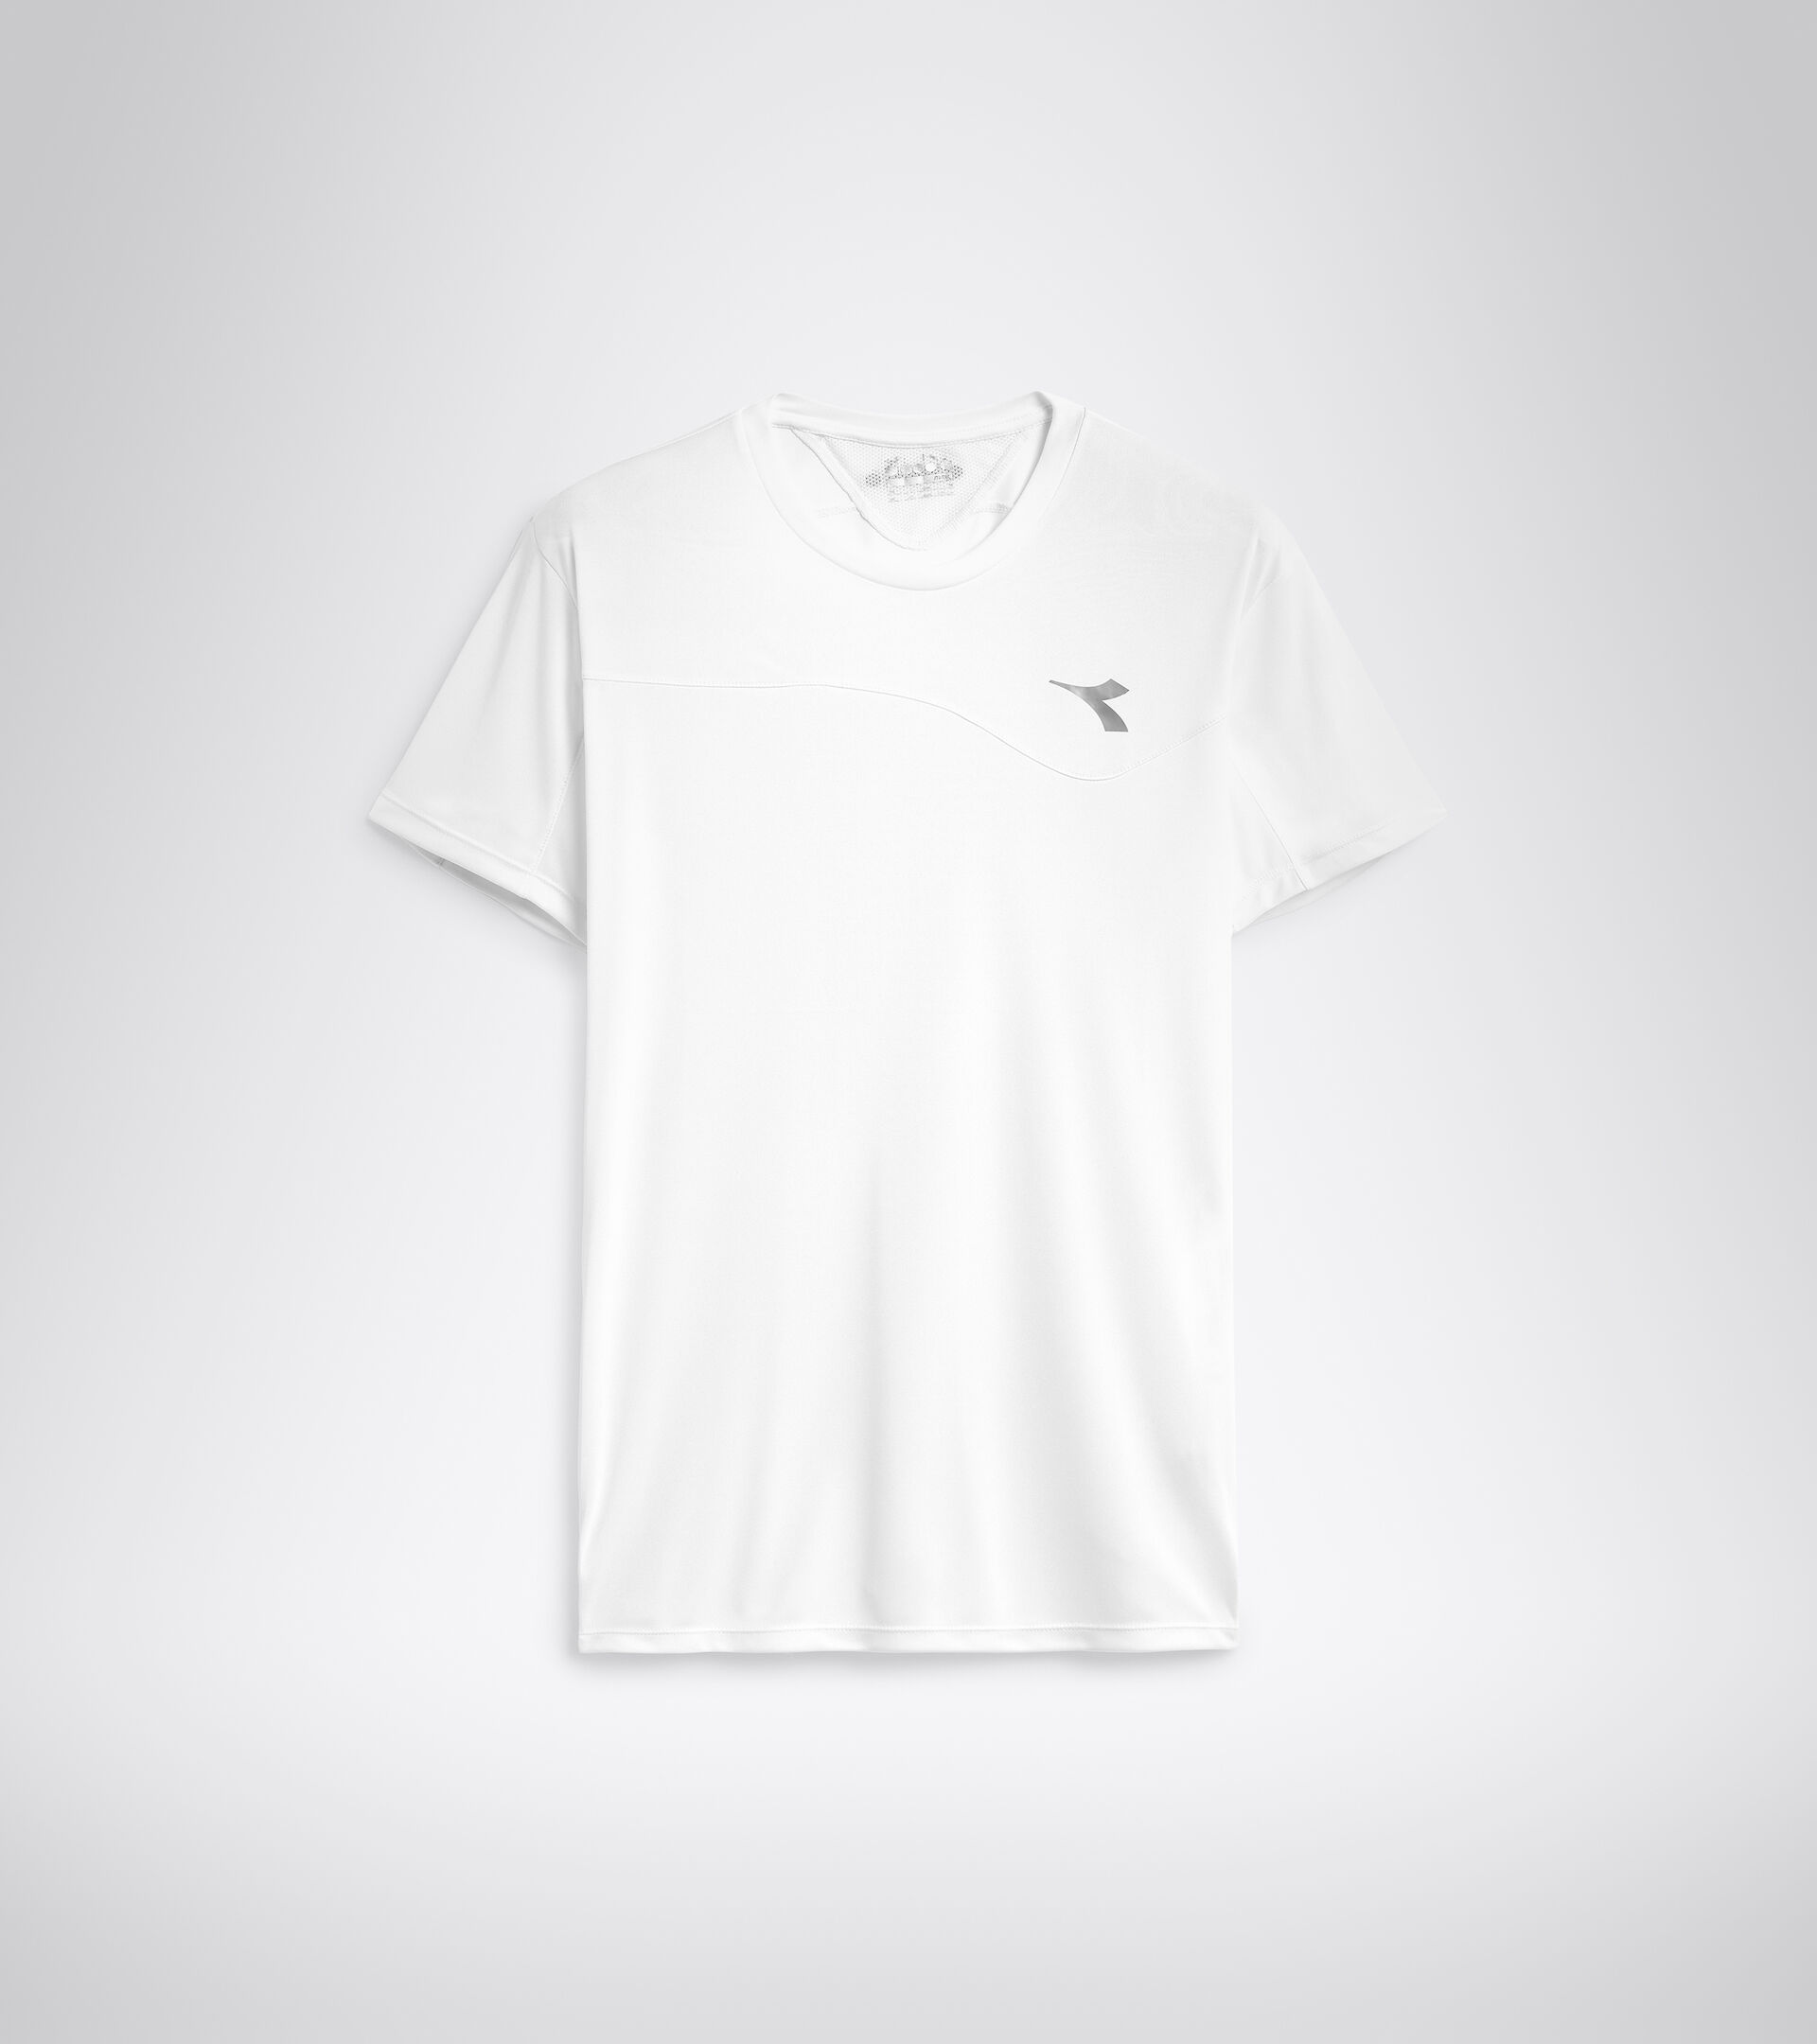 Tennis-T-Shirt - Herren T-SHIRT TEAM STRAHLEND WEISSE - Diadora